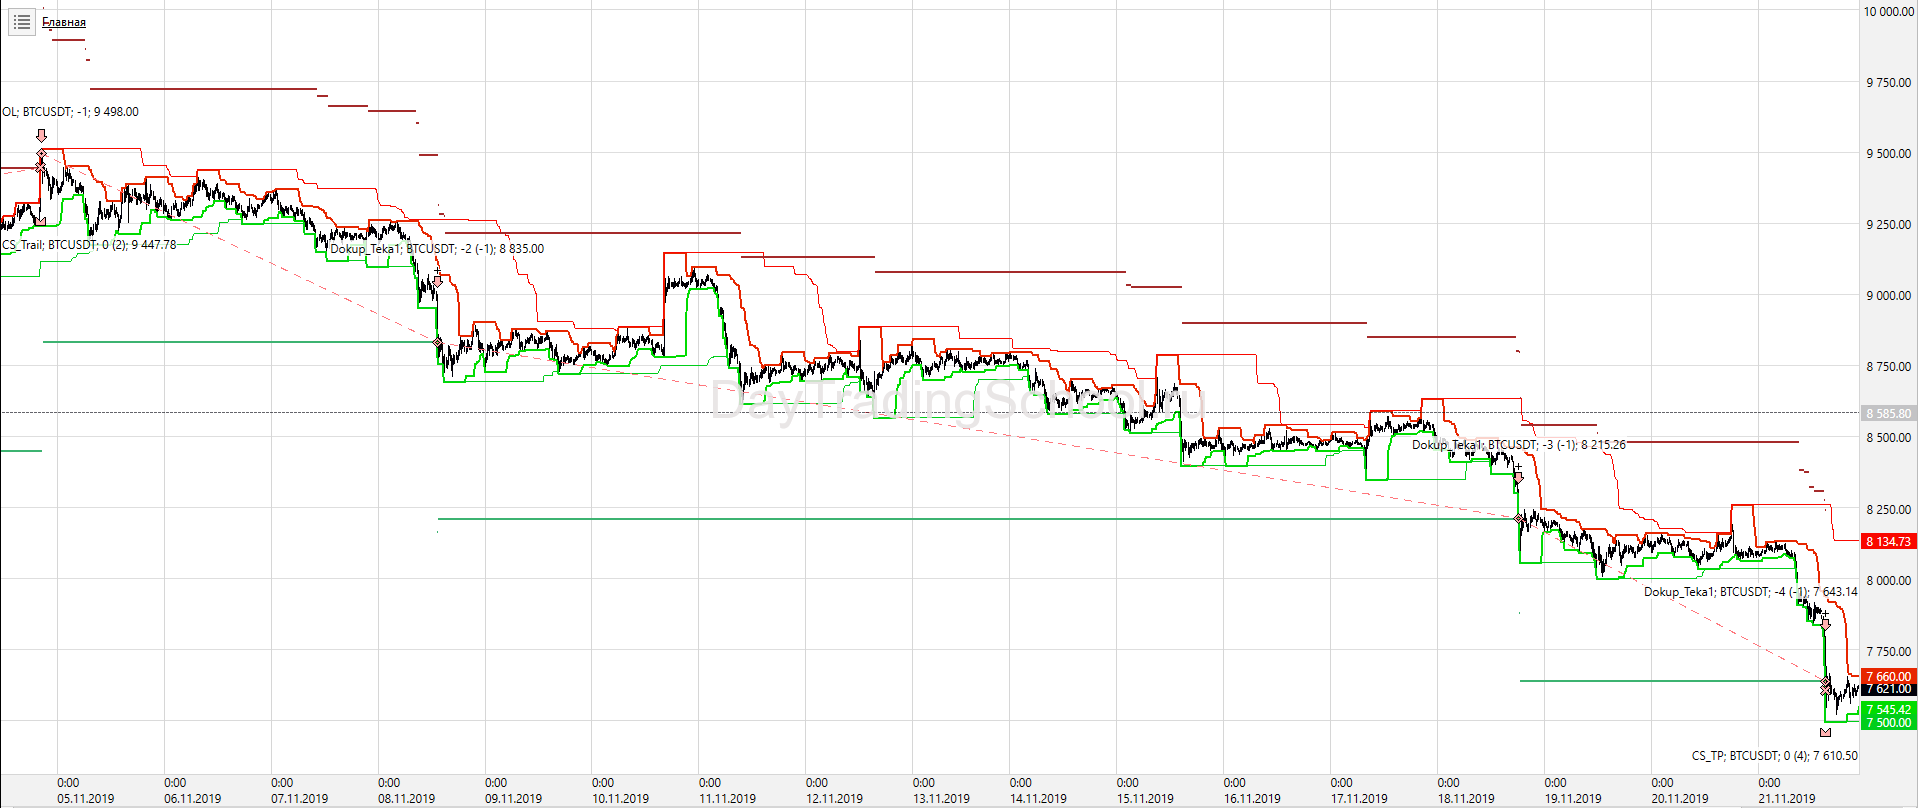 Price-Channel-КонтрТренд_Пирамид_BTС_USD-сделки